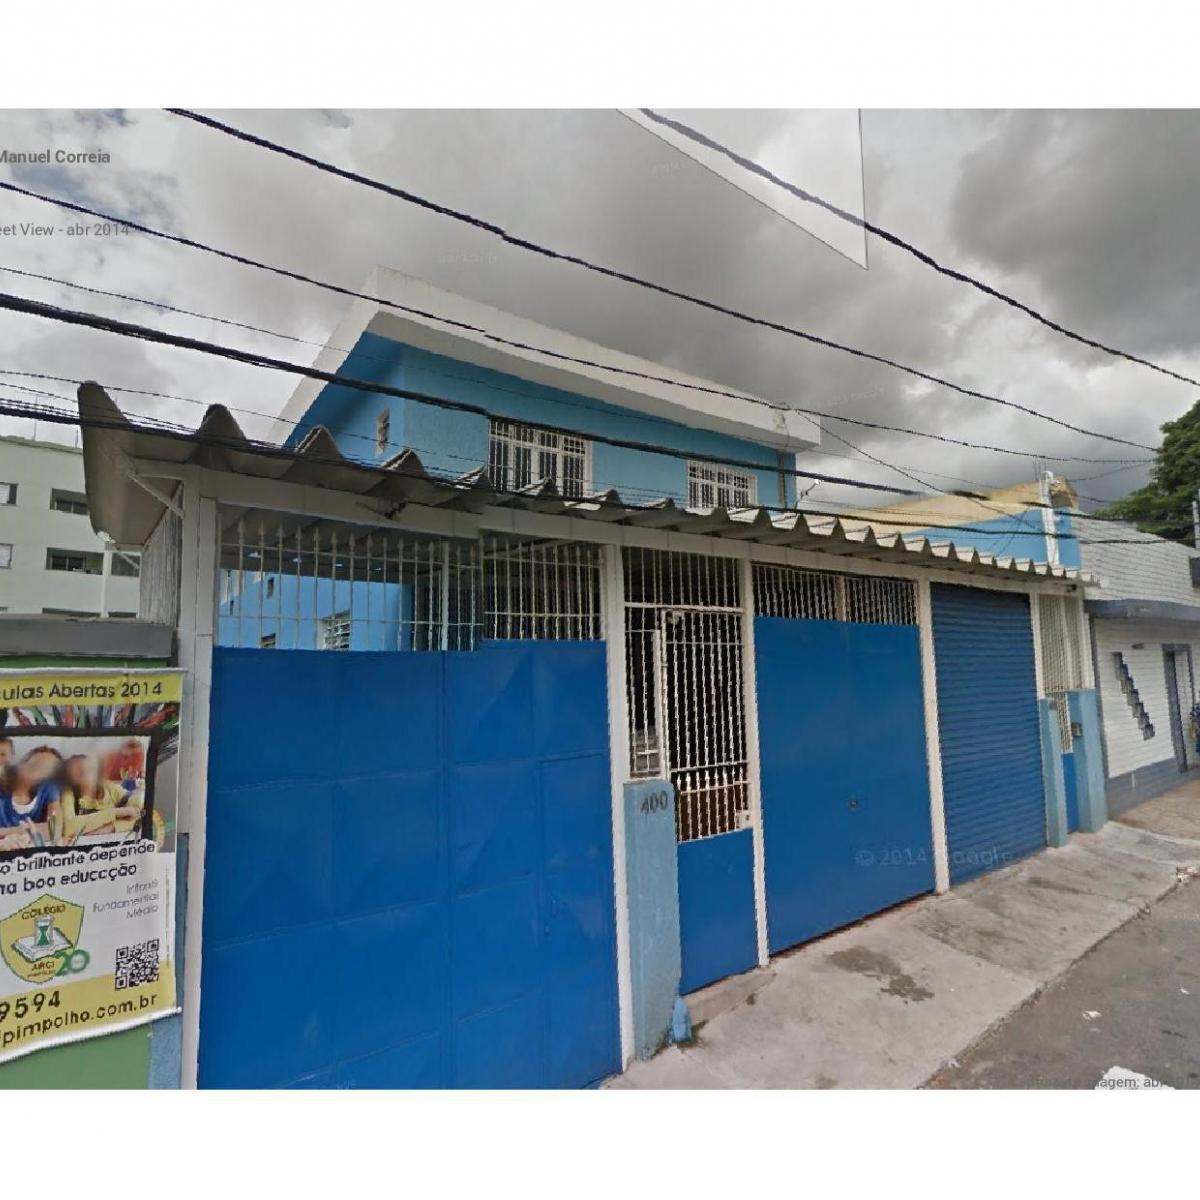 Comercial para aluguel com 0 Limão São Paulo R$ 300 14 m2 ID  #104A7D 1200x1200 Banheiro Container Aluguel